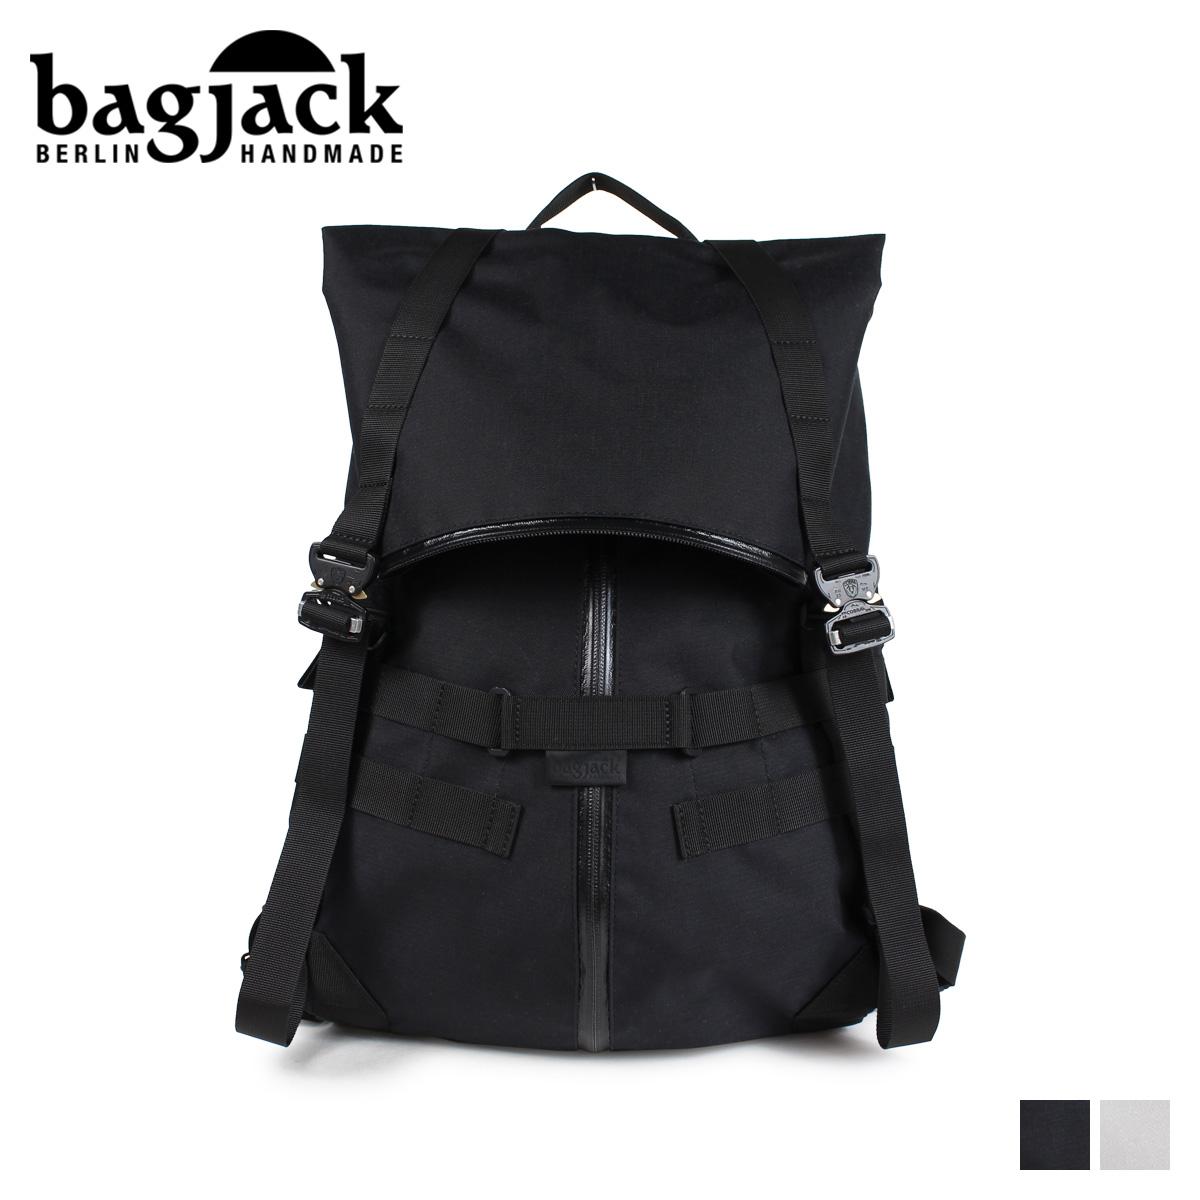 bagjack MORPH PACK バッグジャック リュック バックパック メンズ レディース ブラック ホワイト 黒 白